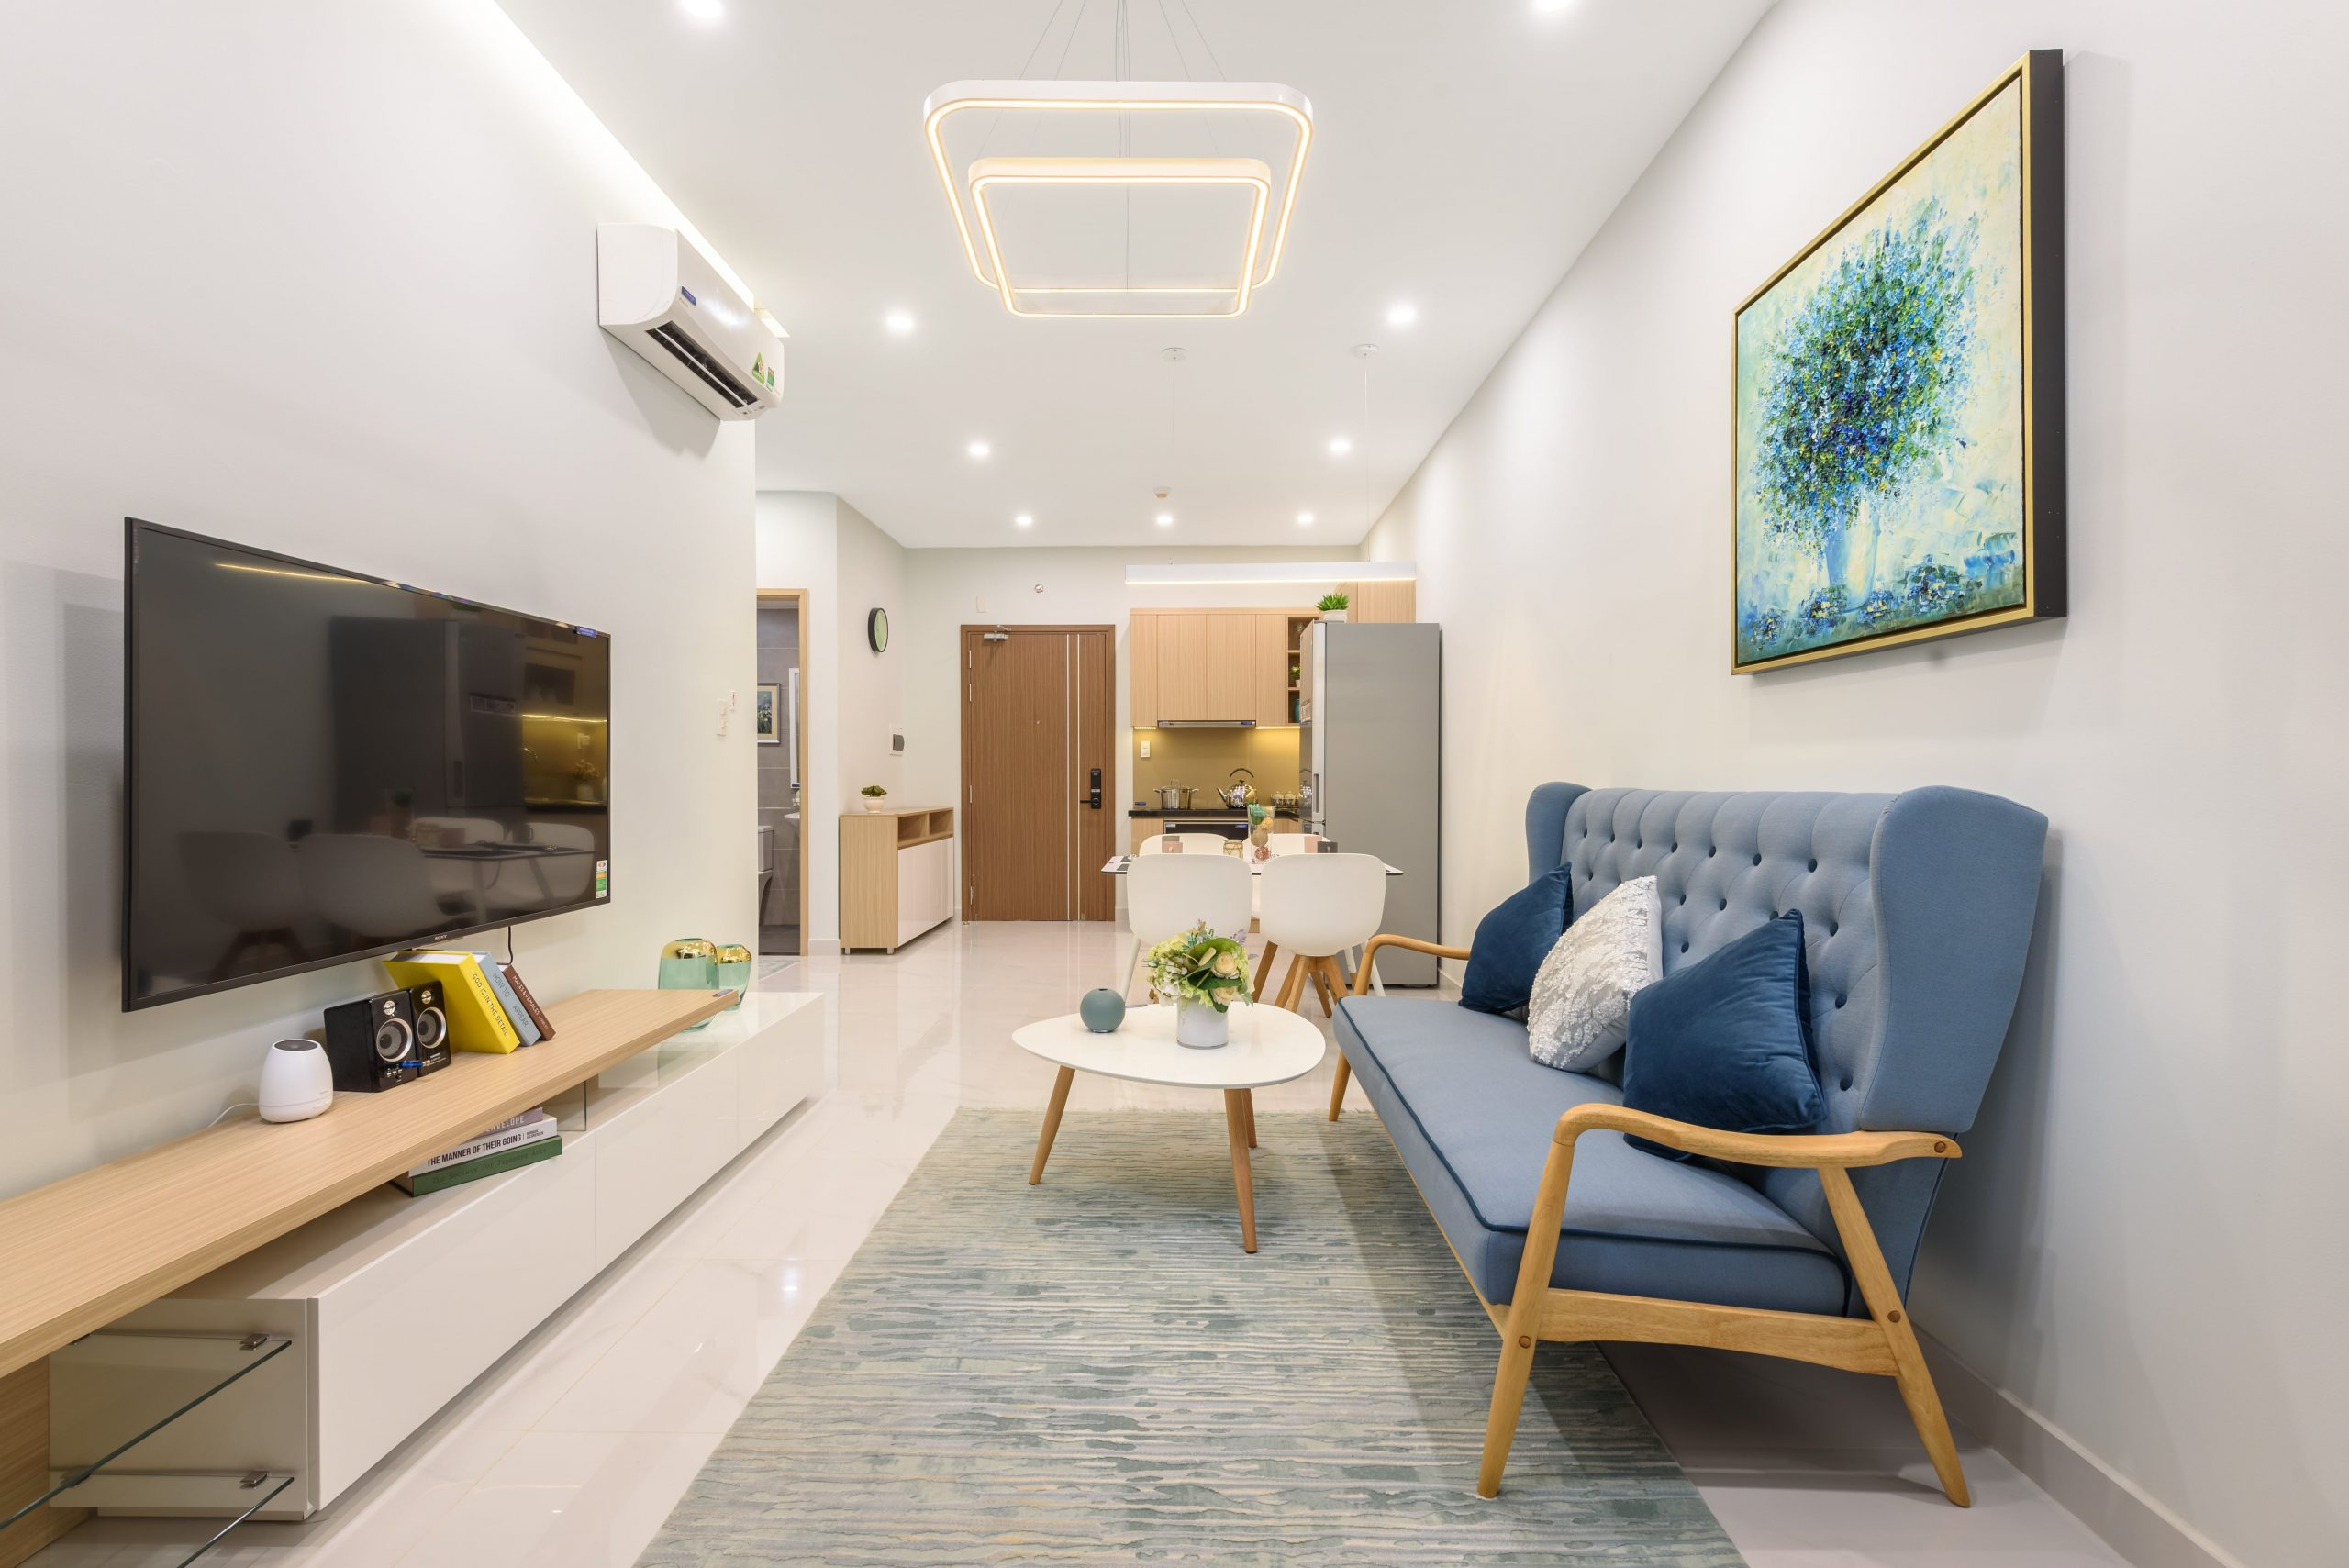 Thiết kế căn hộ chung cư 45m2 2 phòng ngủ theo không gian mở